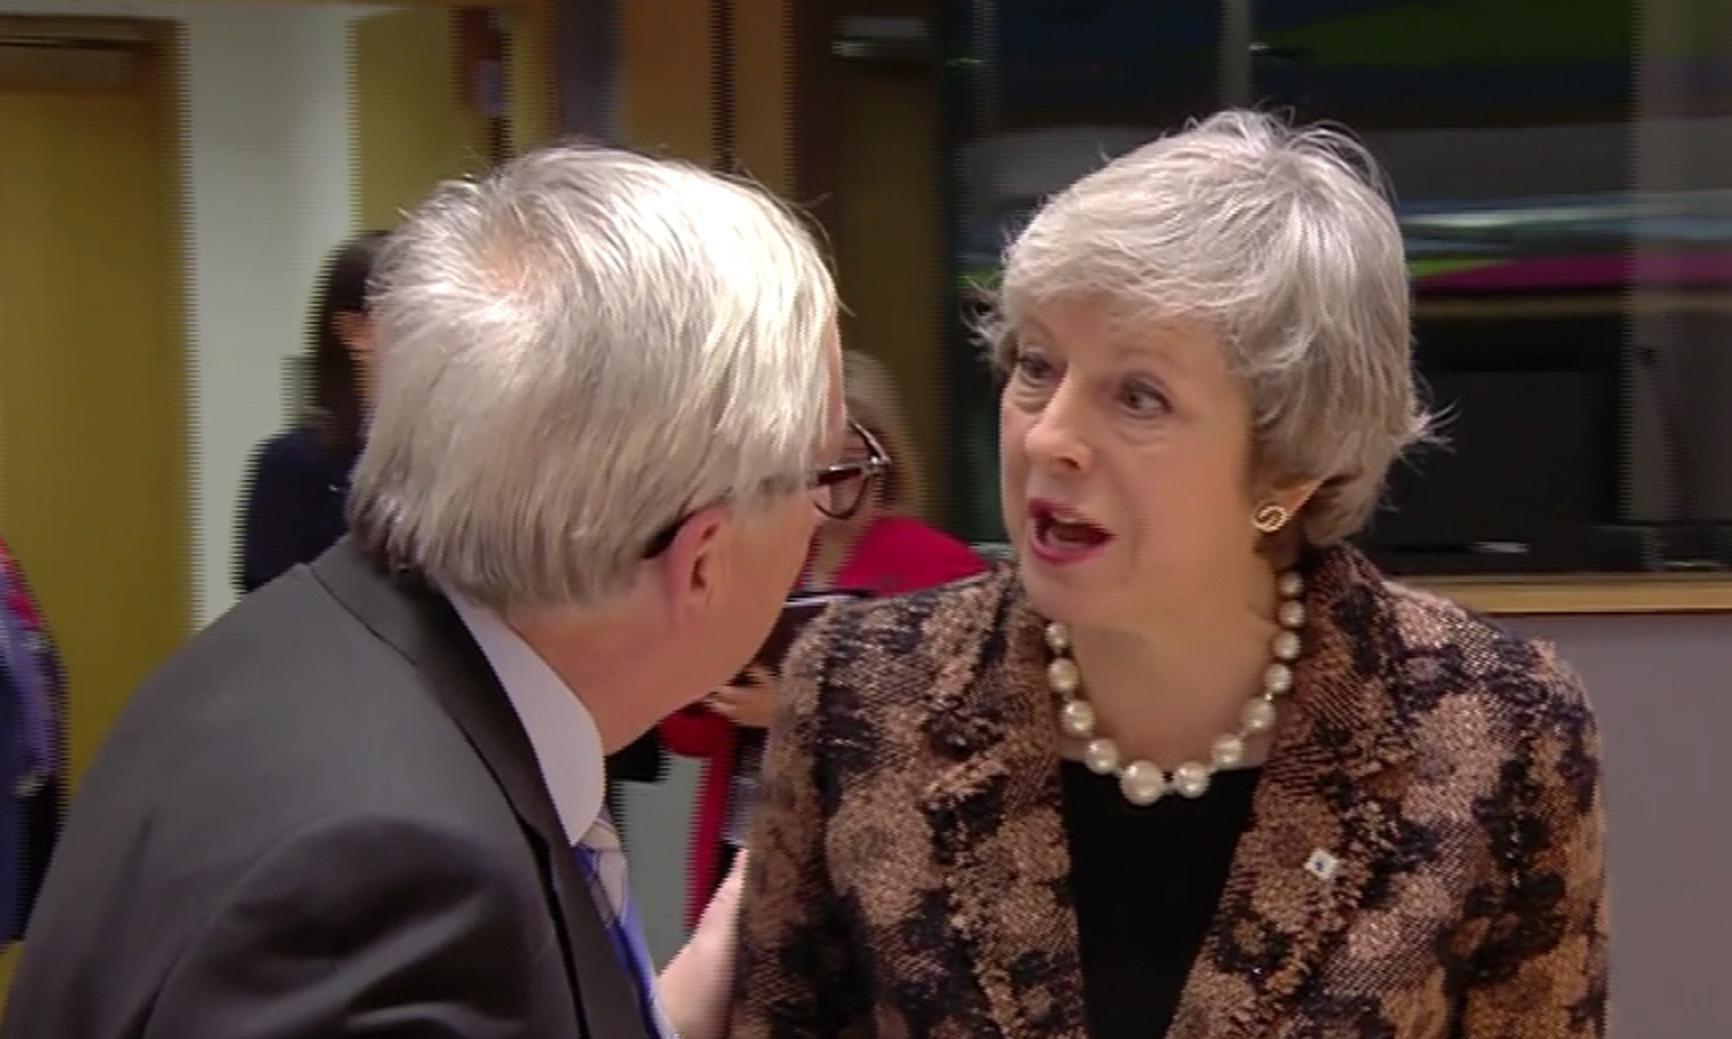 테레사 메이 영국 총리와 융커 EU 집행위원장이 격한 논쟁을 벌였다